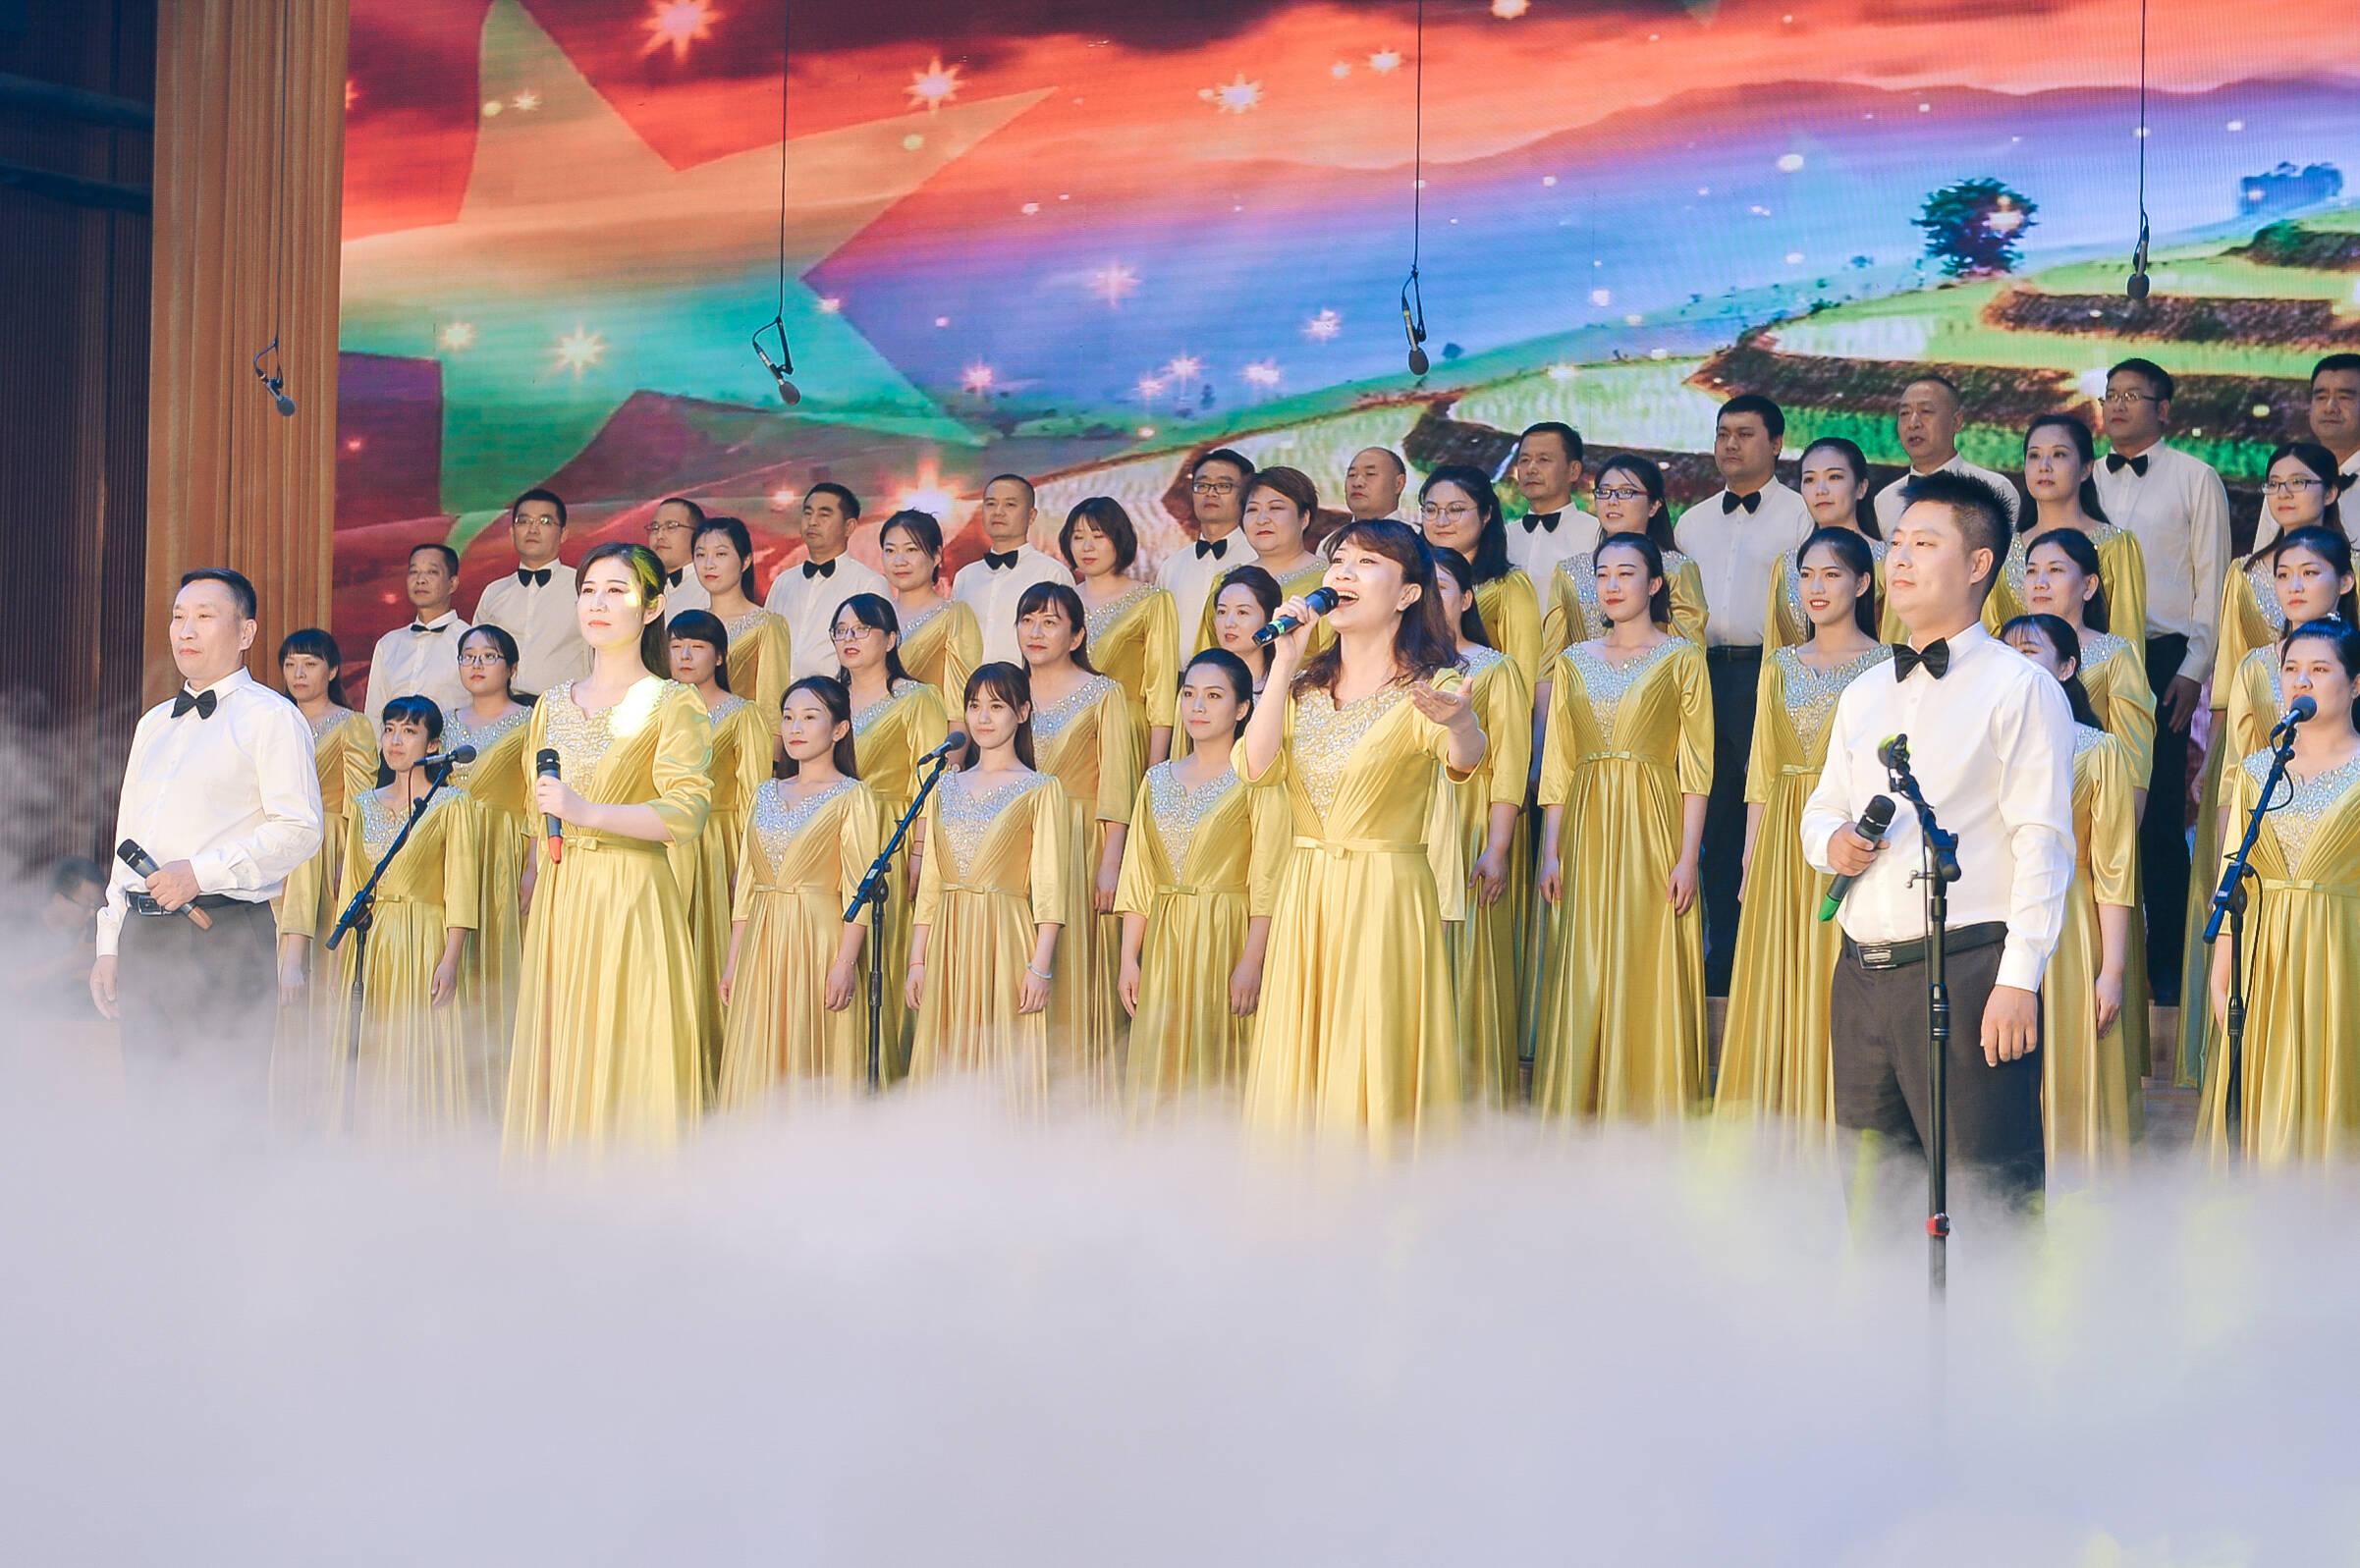 山东师大基础教育集团庆祝建党100周年教职工歌咏大会在济南举行